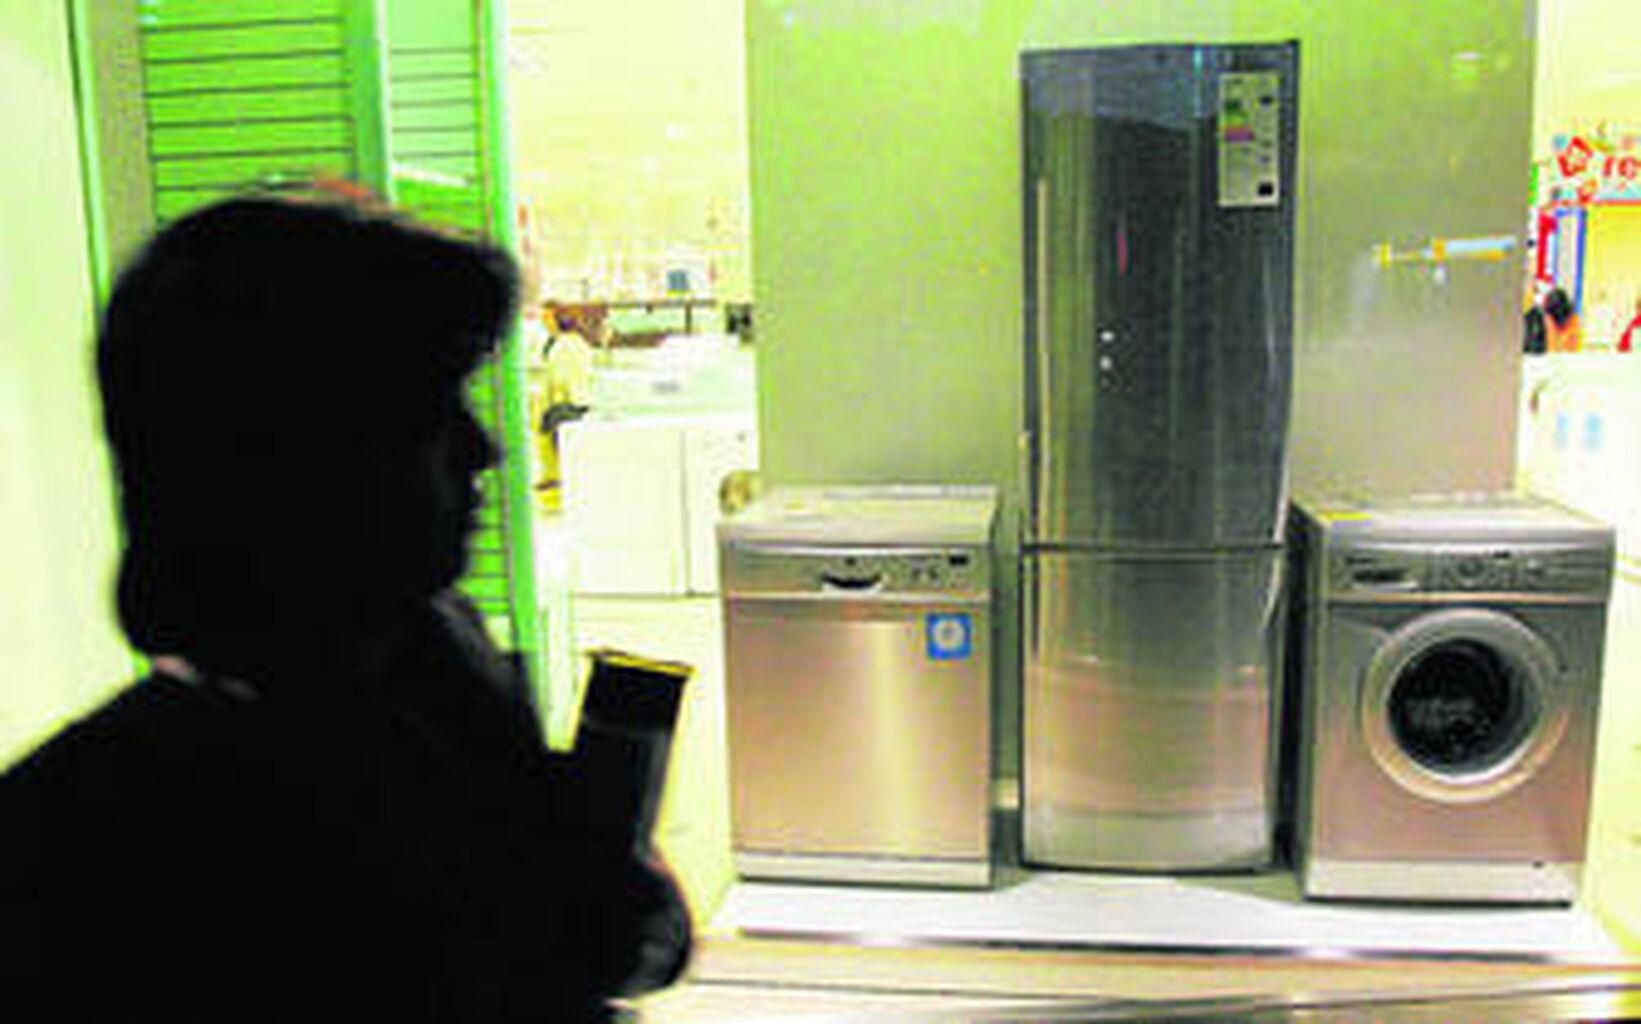 Destapan Que 12 000 Electrodom Sticos Fueron Vendidos Ilegalmente  ~ Lavadoras Corte Ingles Plan Renove